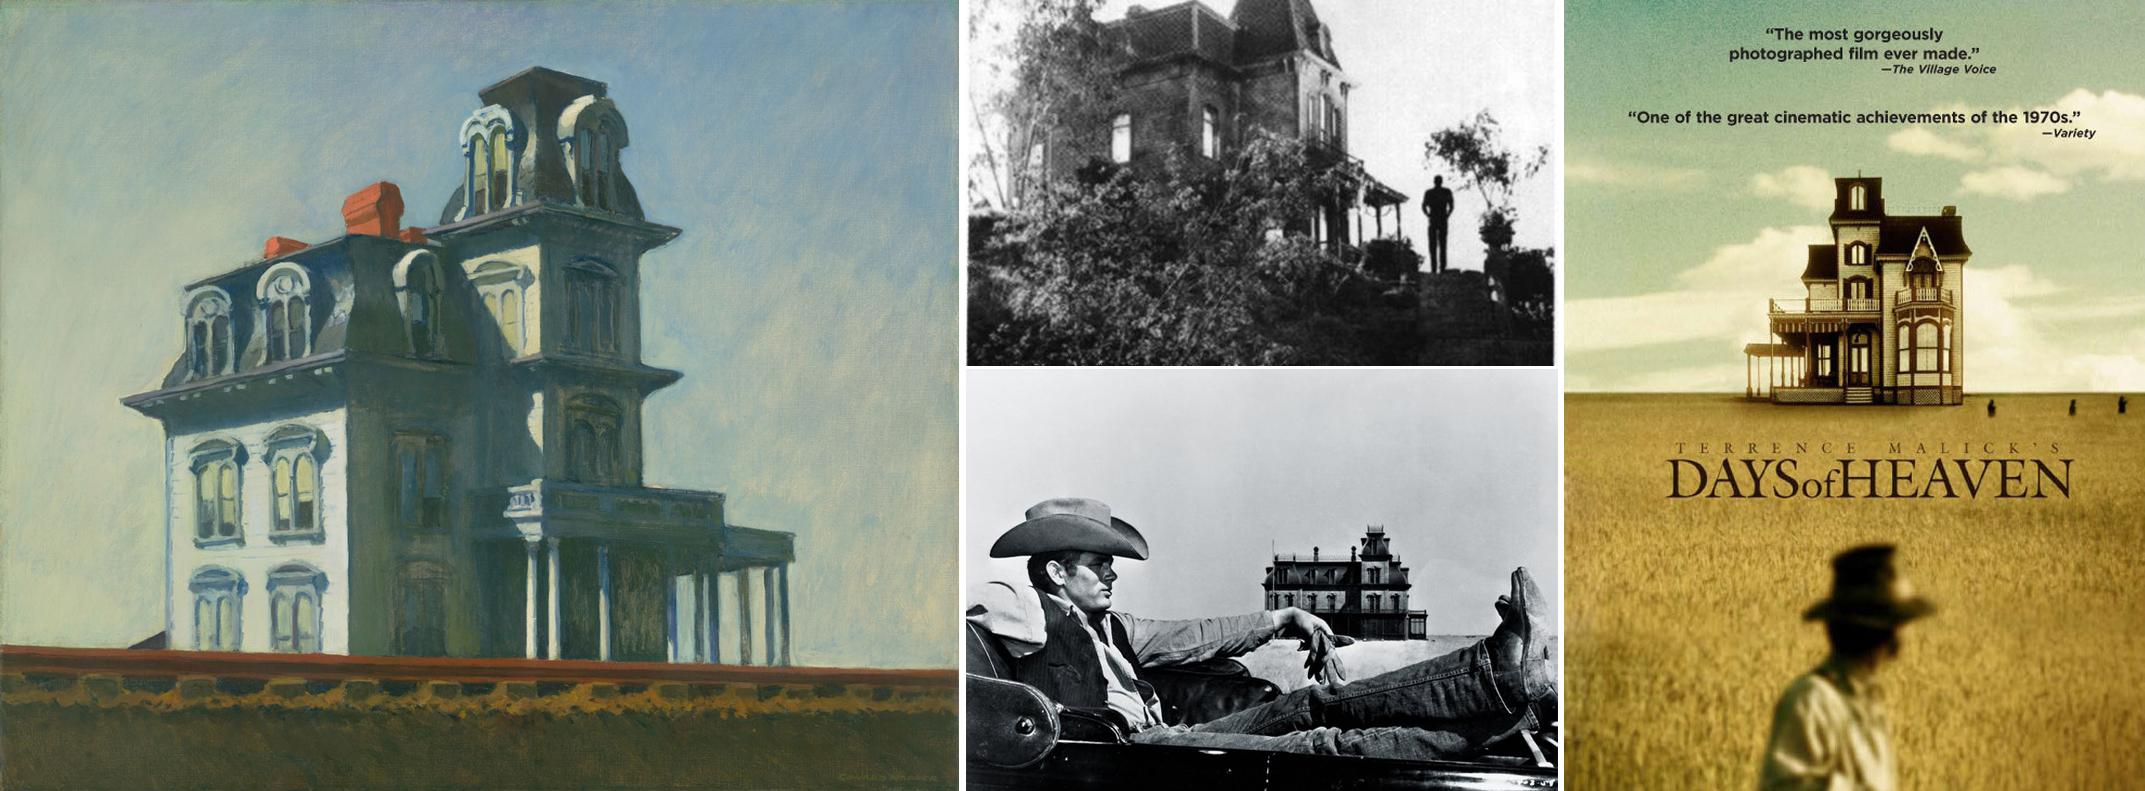 House by the Railroad. En el centro, imágenes de Psicosis y Gigante. A la derecha, póster de Días de Cielo.